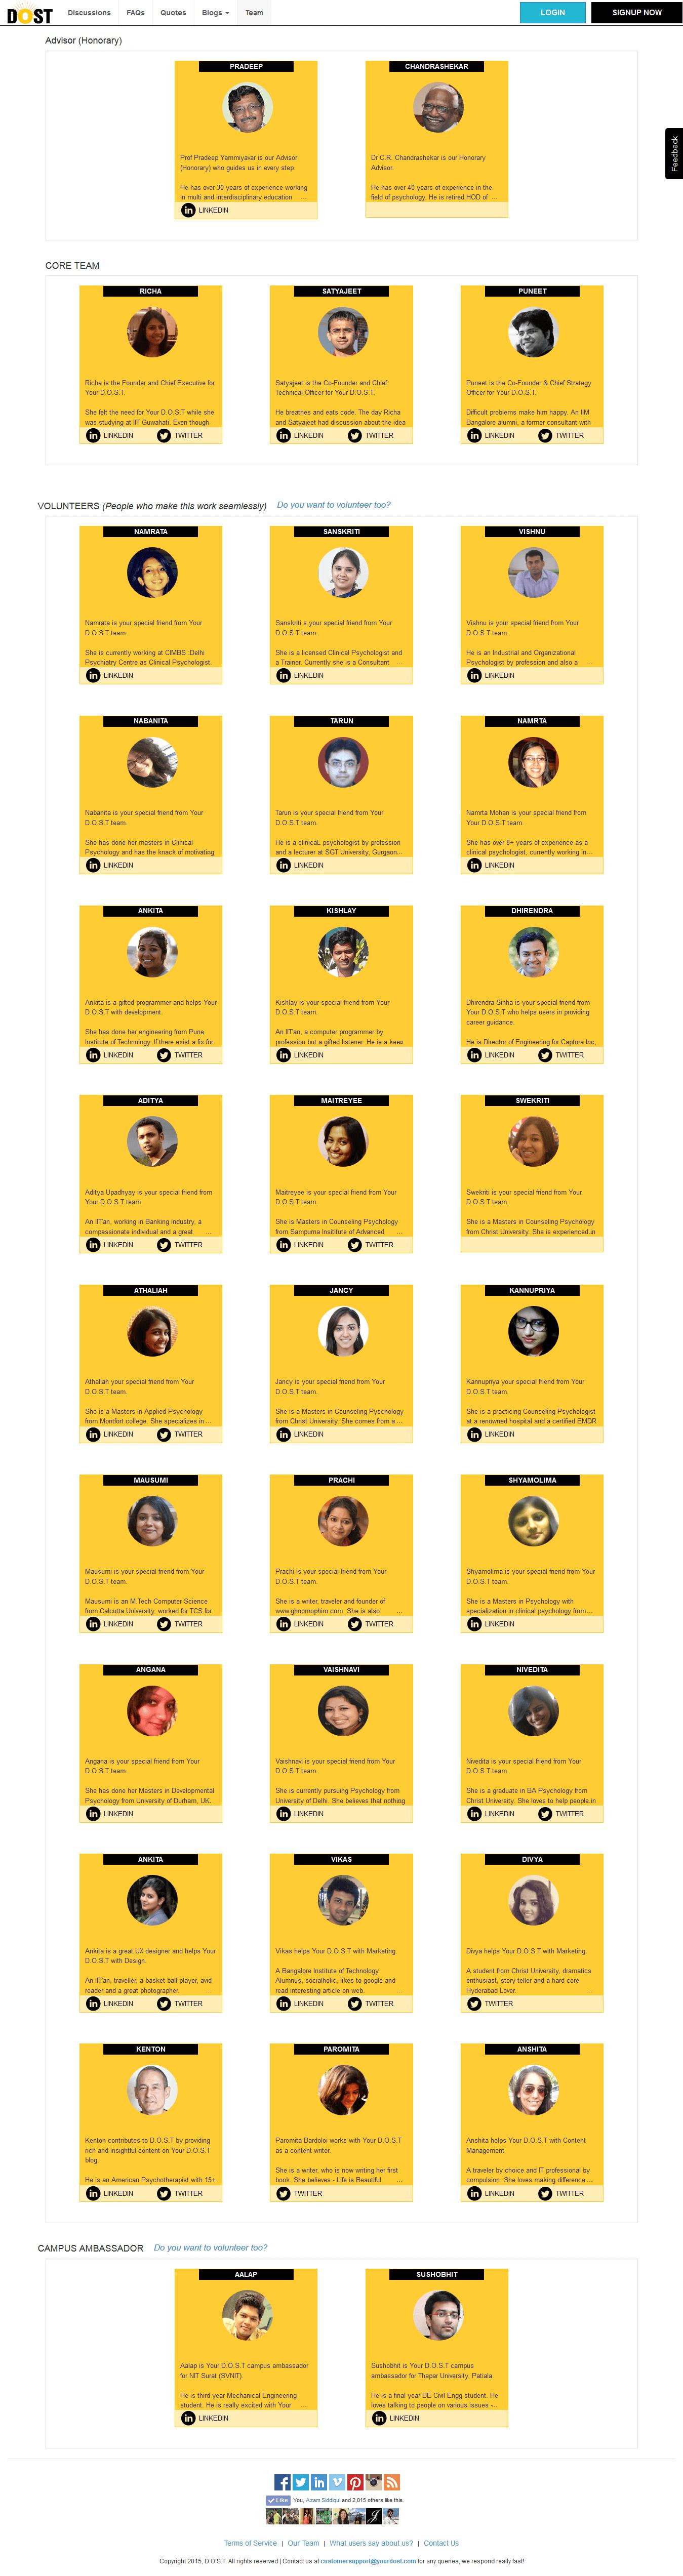 Your Dost.com Team